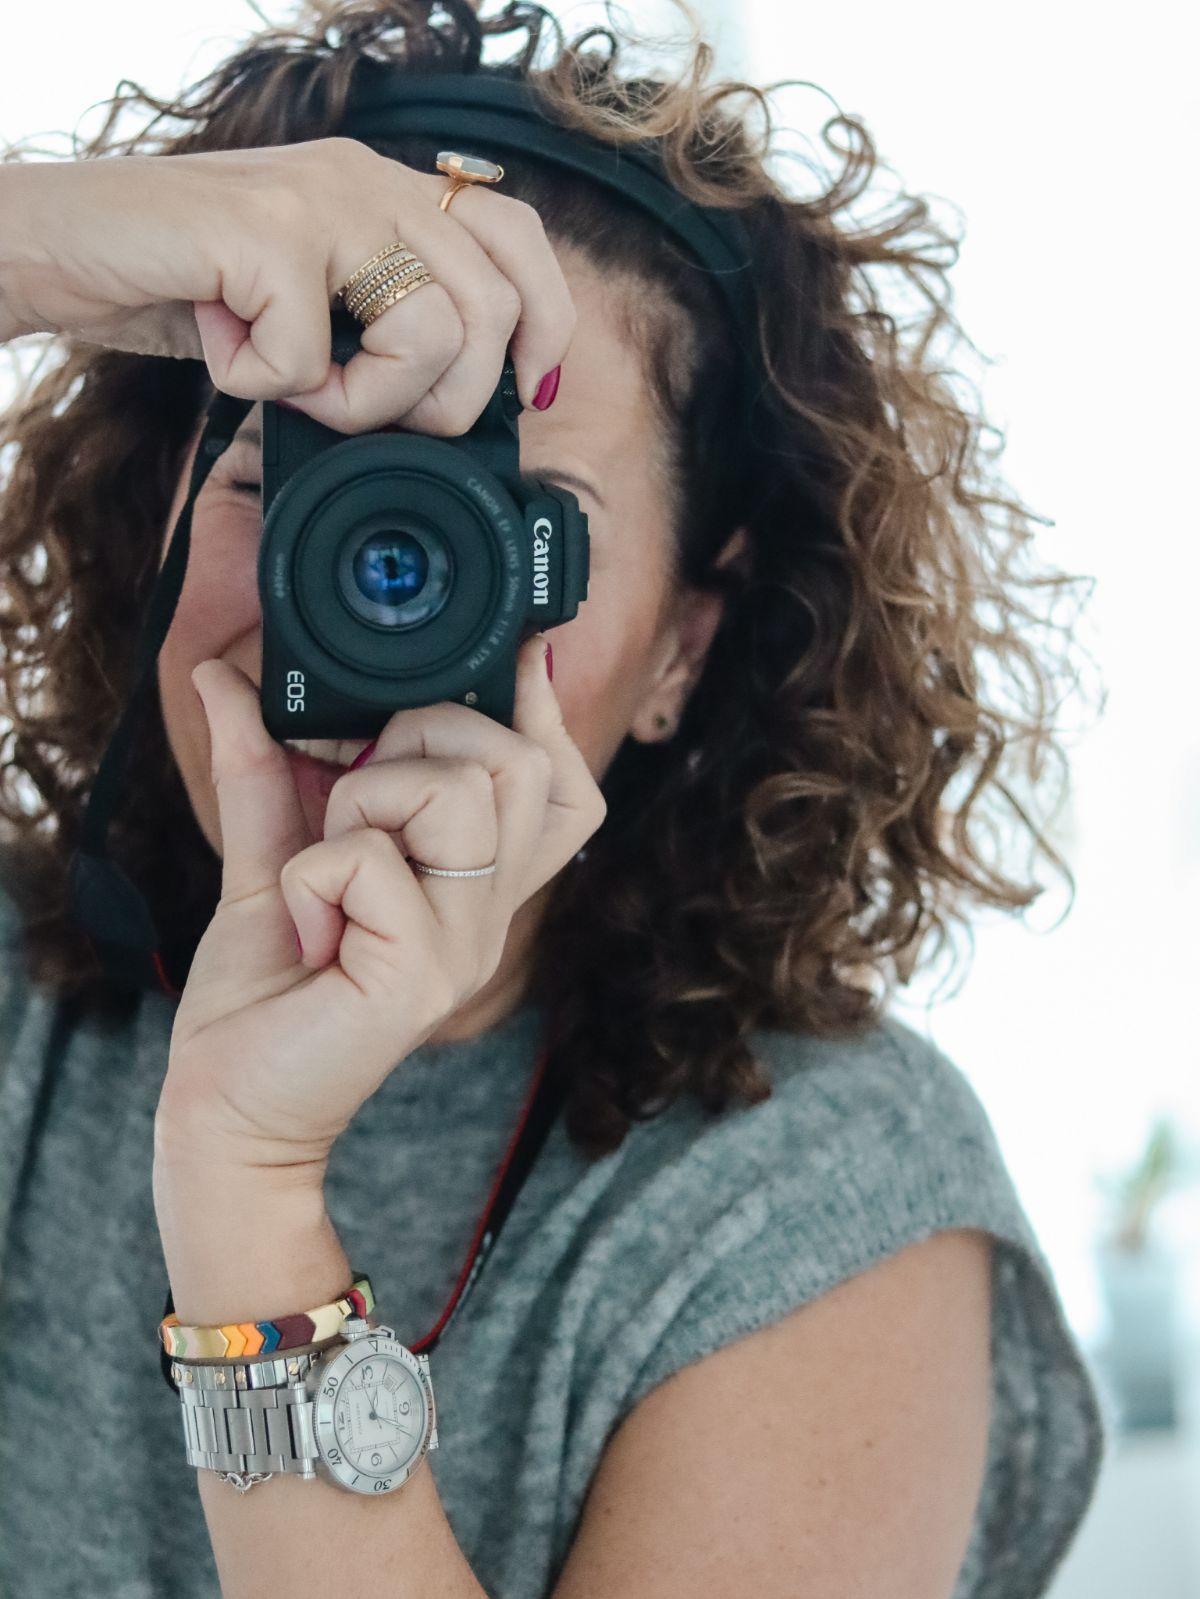 Danielle-van-Dongen-fotografie (1)